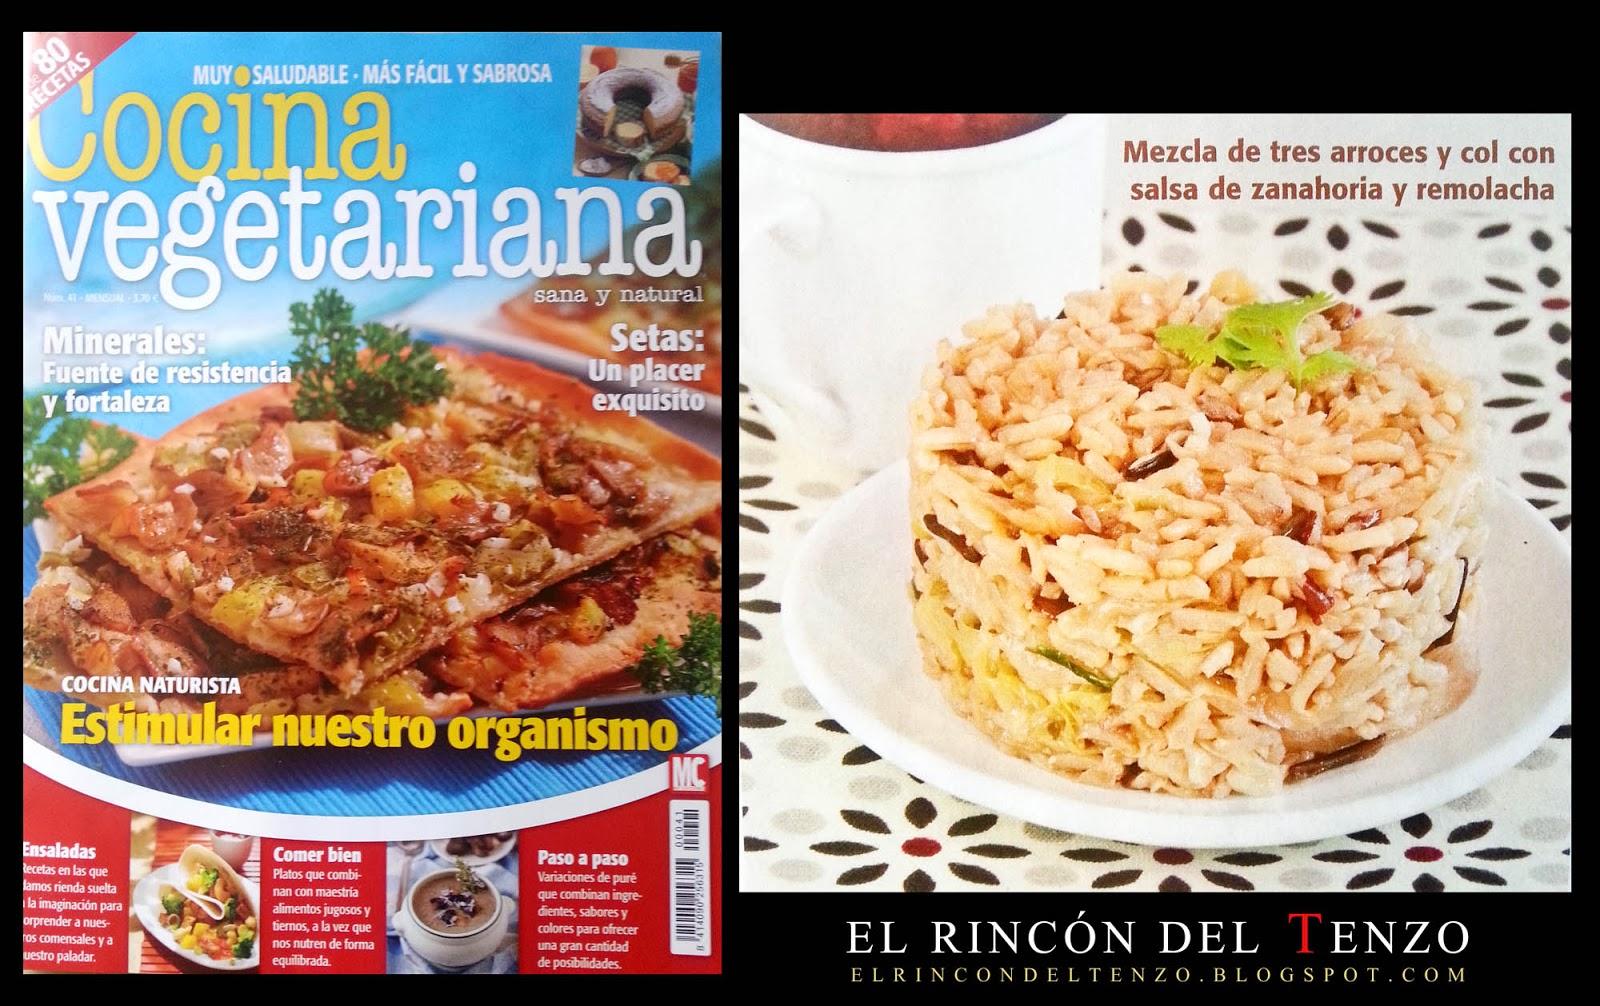 El rinc n del tenzo nueva receta en la revista cocina - Escuela de cocina vegetariana ...